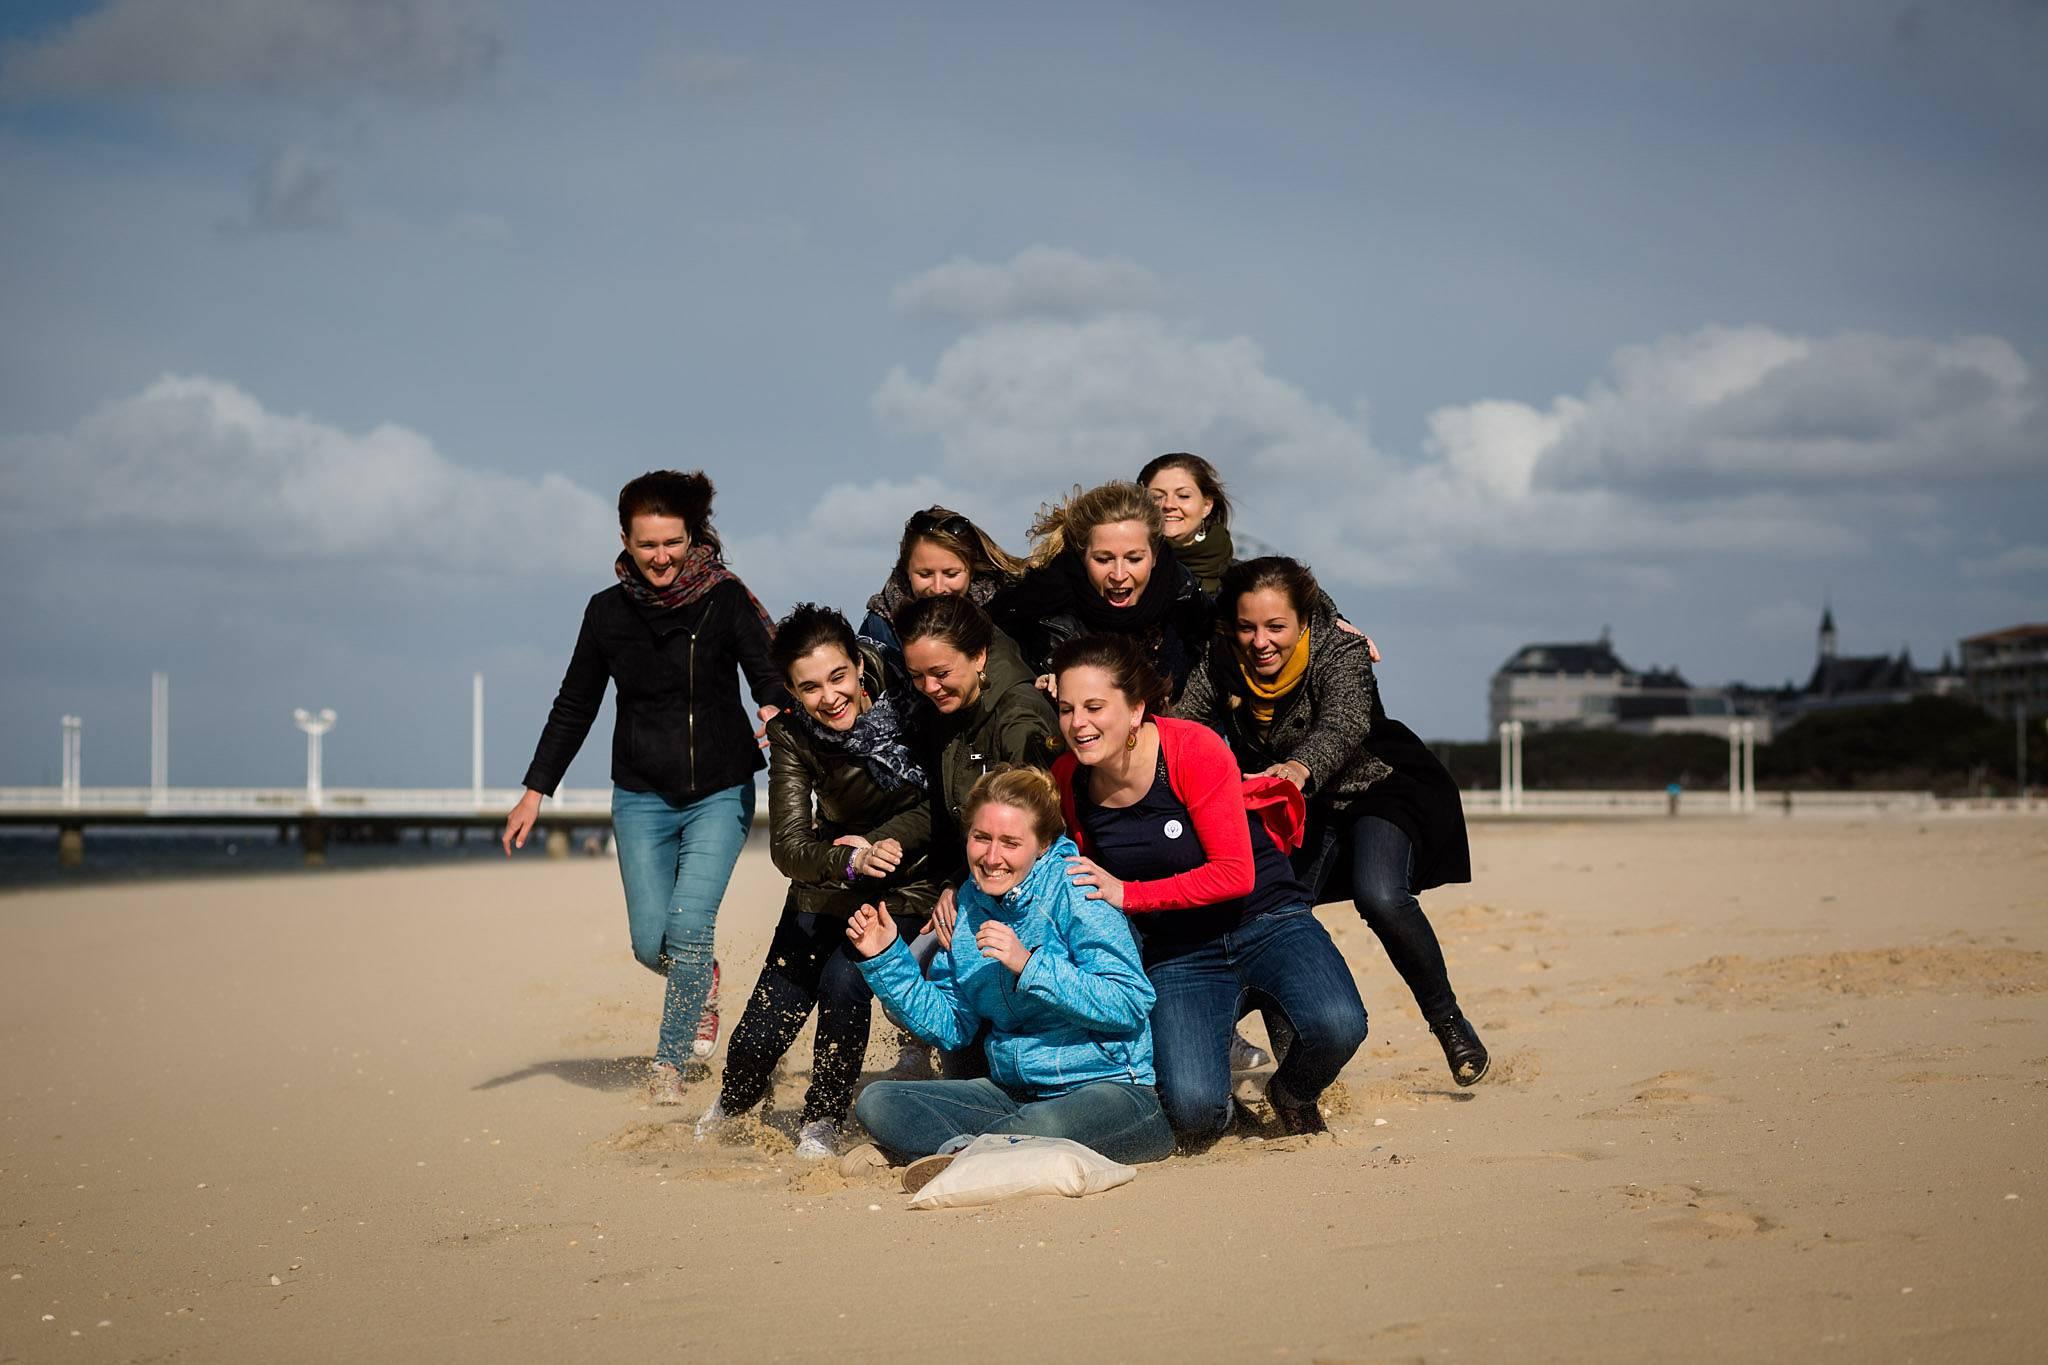 La séance photo de l'EVJF de Fanny à Arcachon en Gironde, son parc mauresque et sa plage ! Alexandre Roschewitz Photographies.